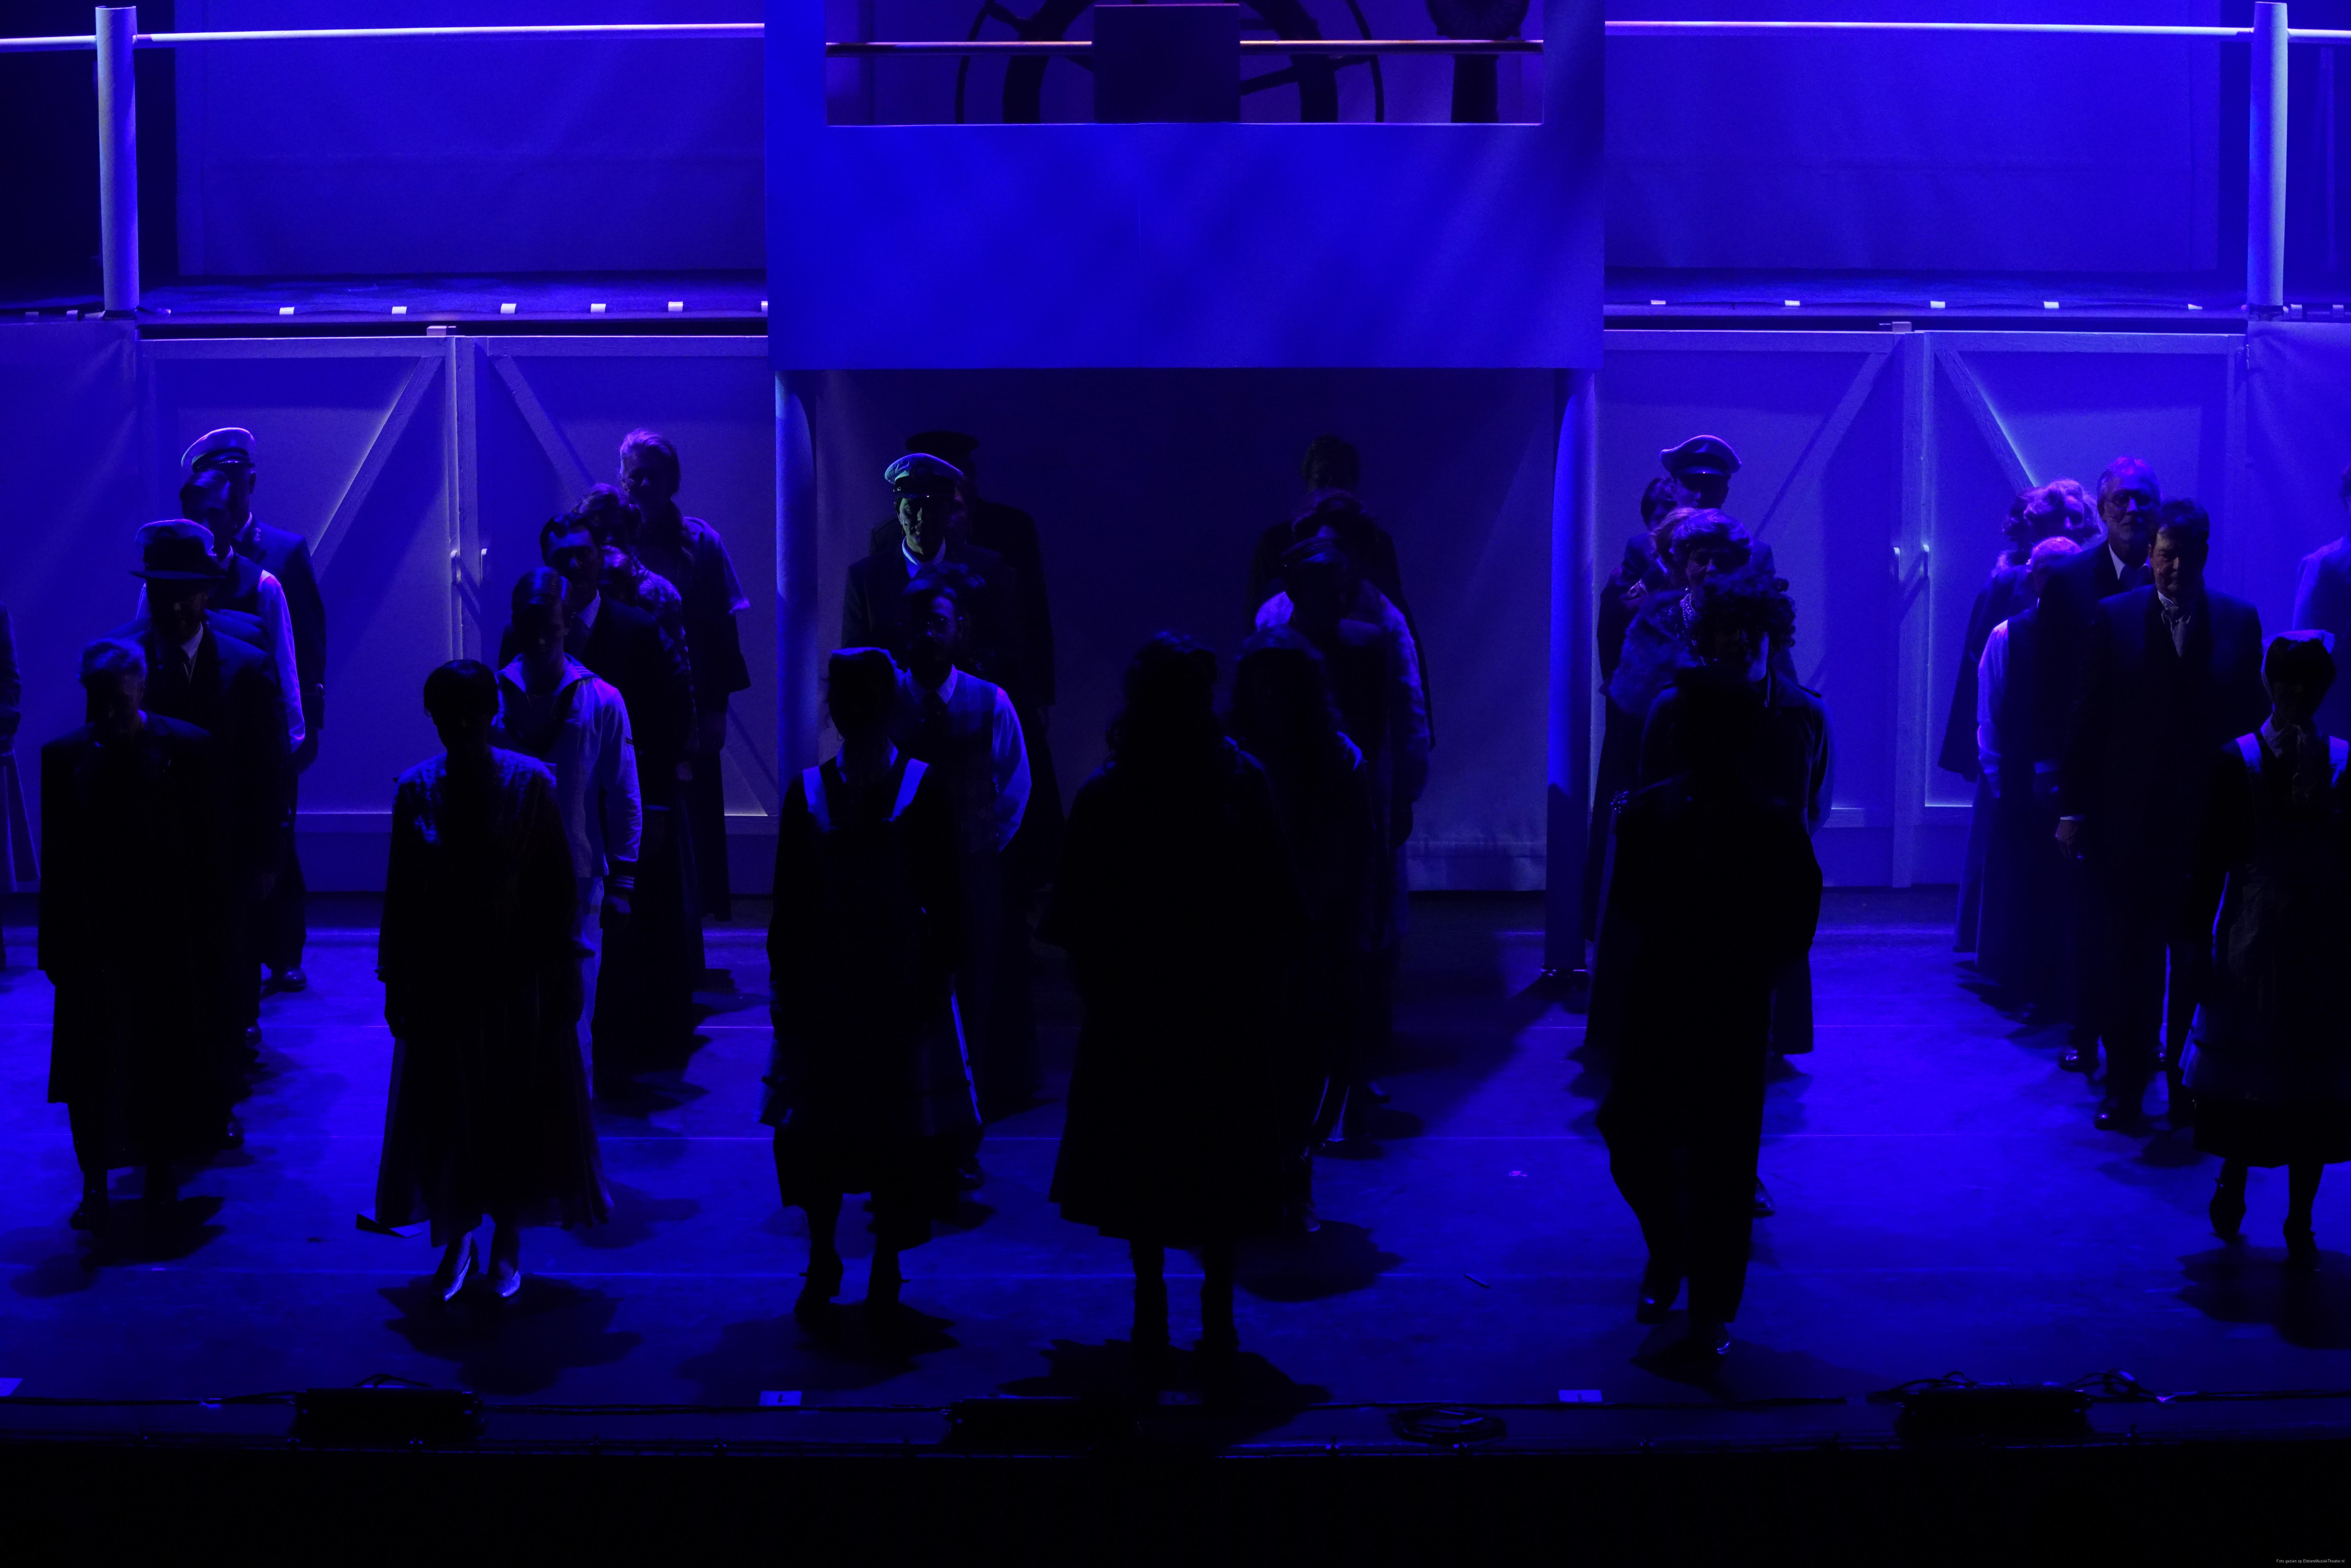 EMT Titanic voorstellingen Donald Schalk-0660.jpg